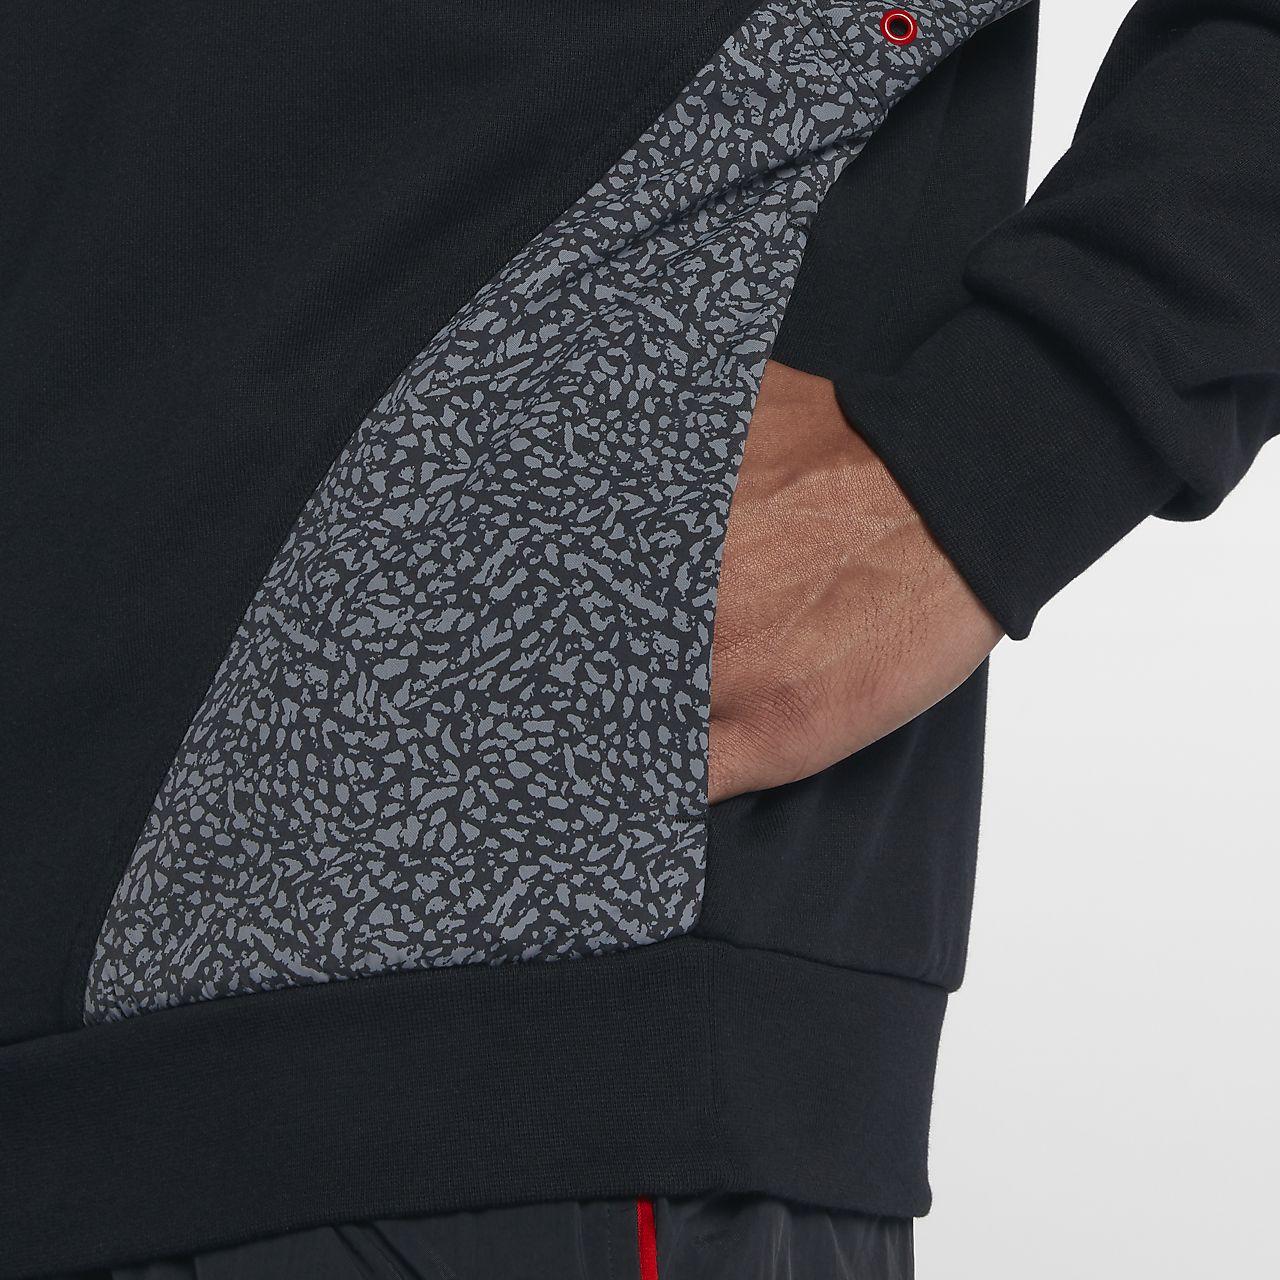 Jordan 3 jacket